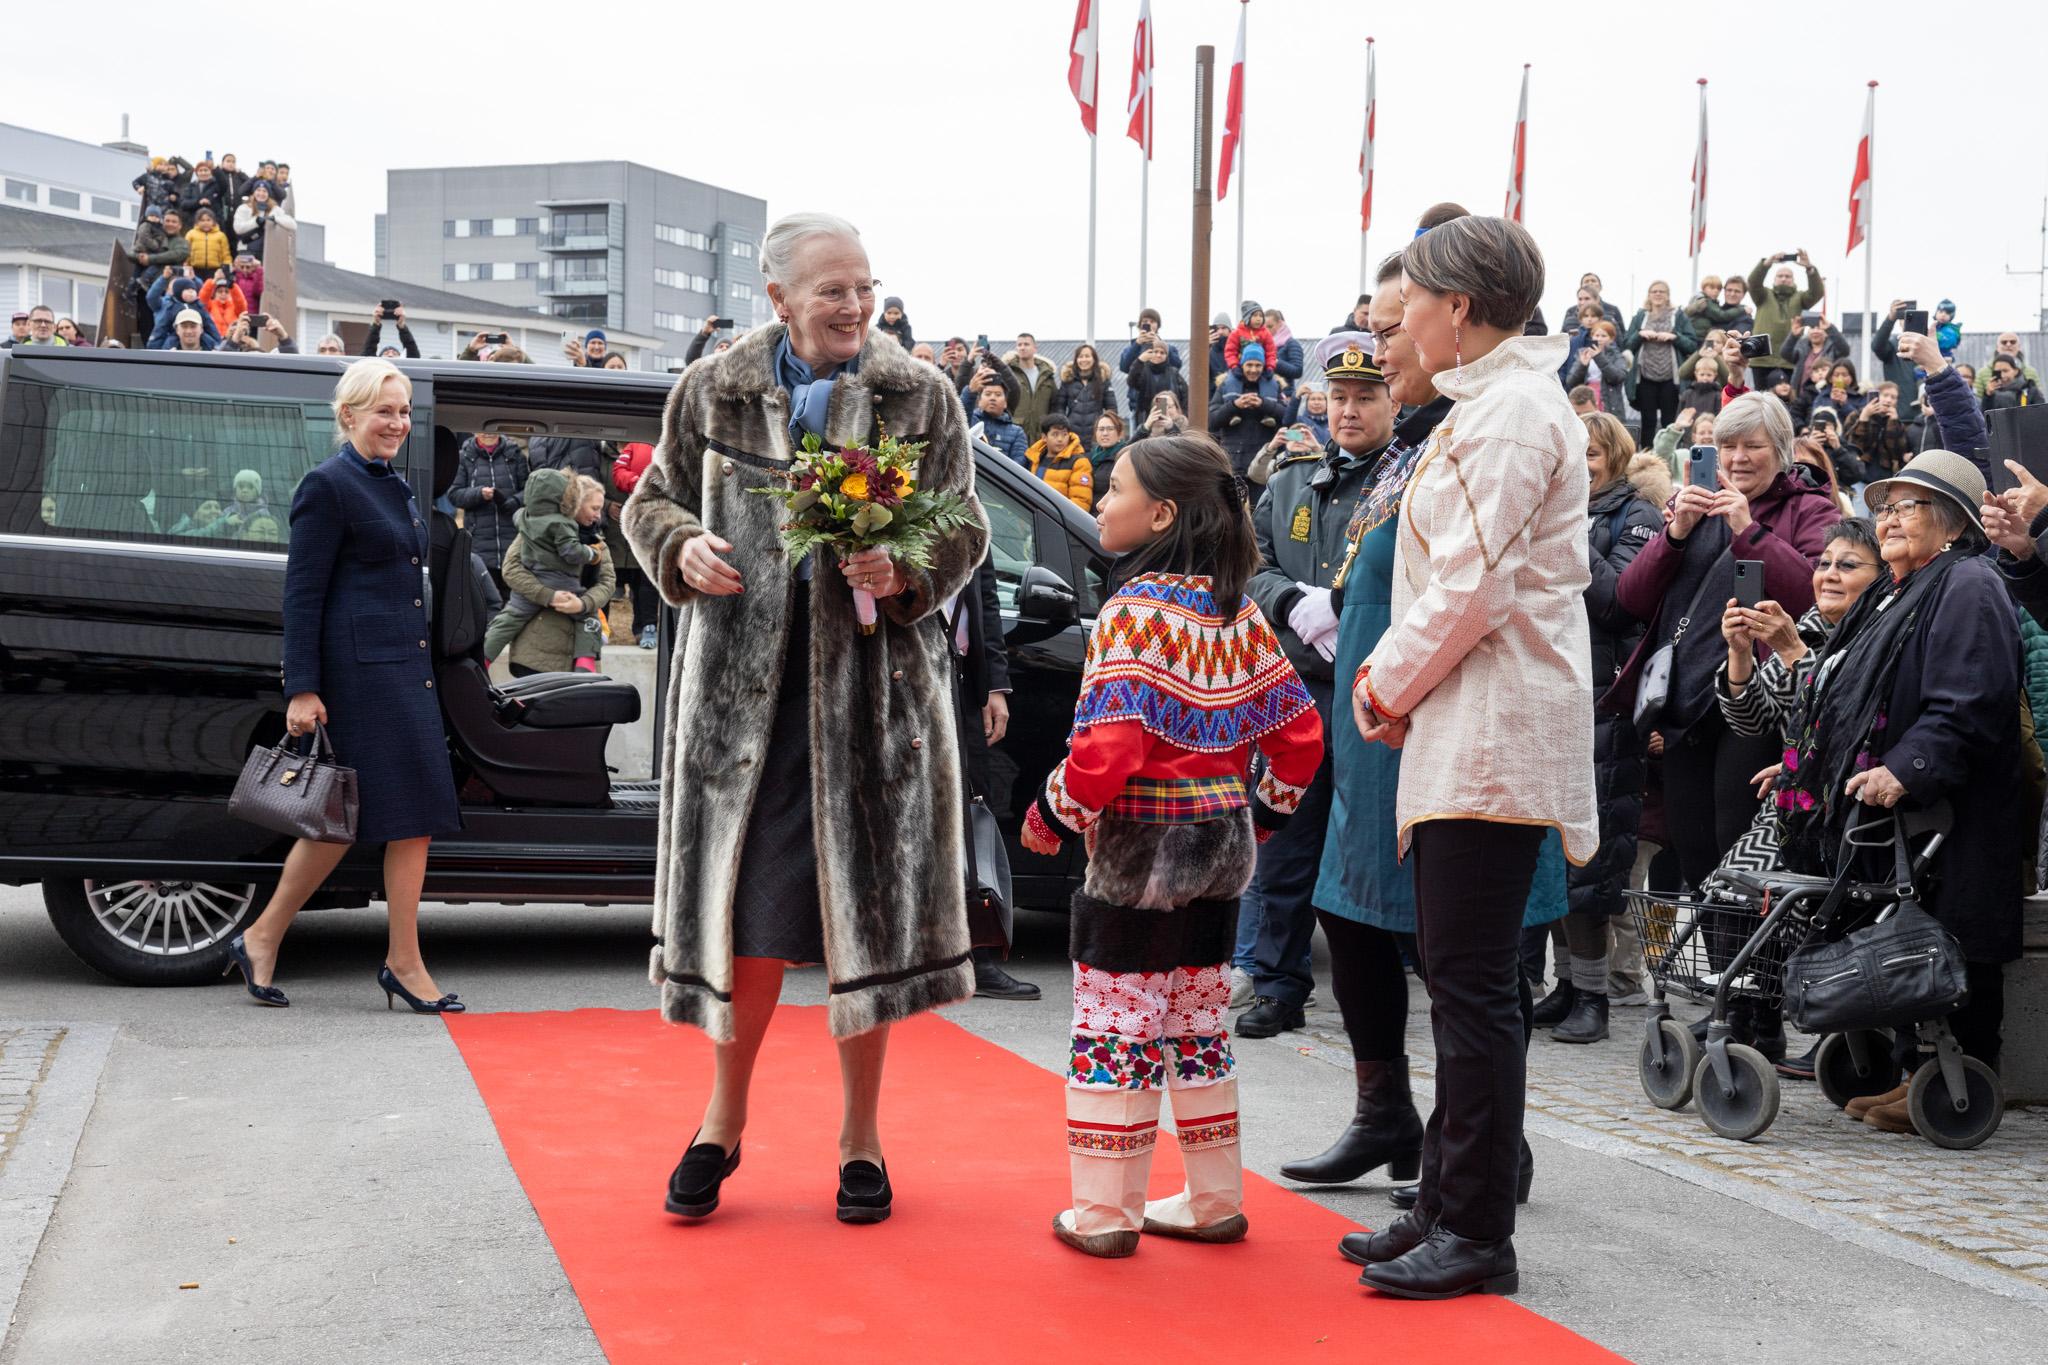 Kommuneqarfik Sermersooq modtog Hendes Majestæt Dronningen